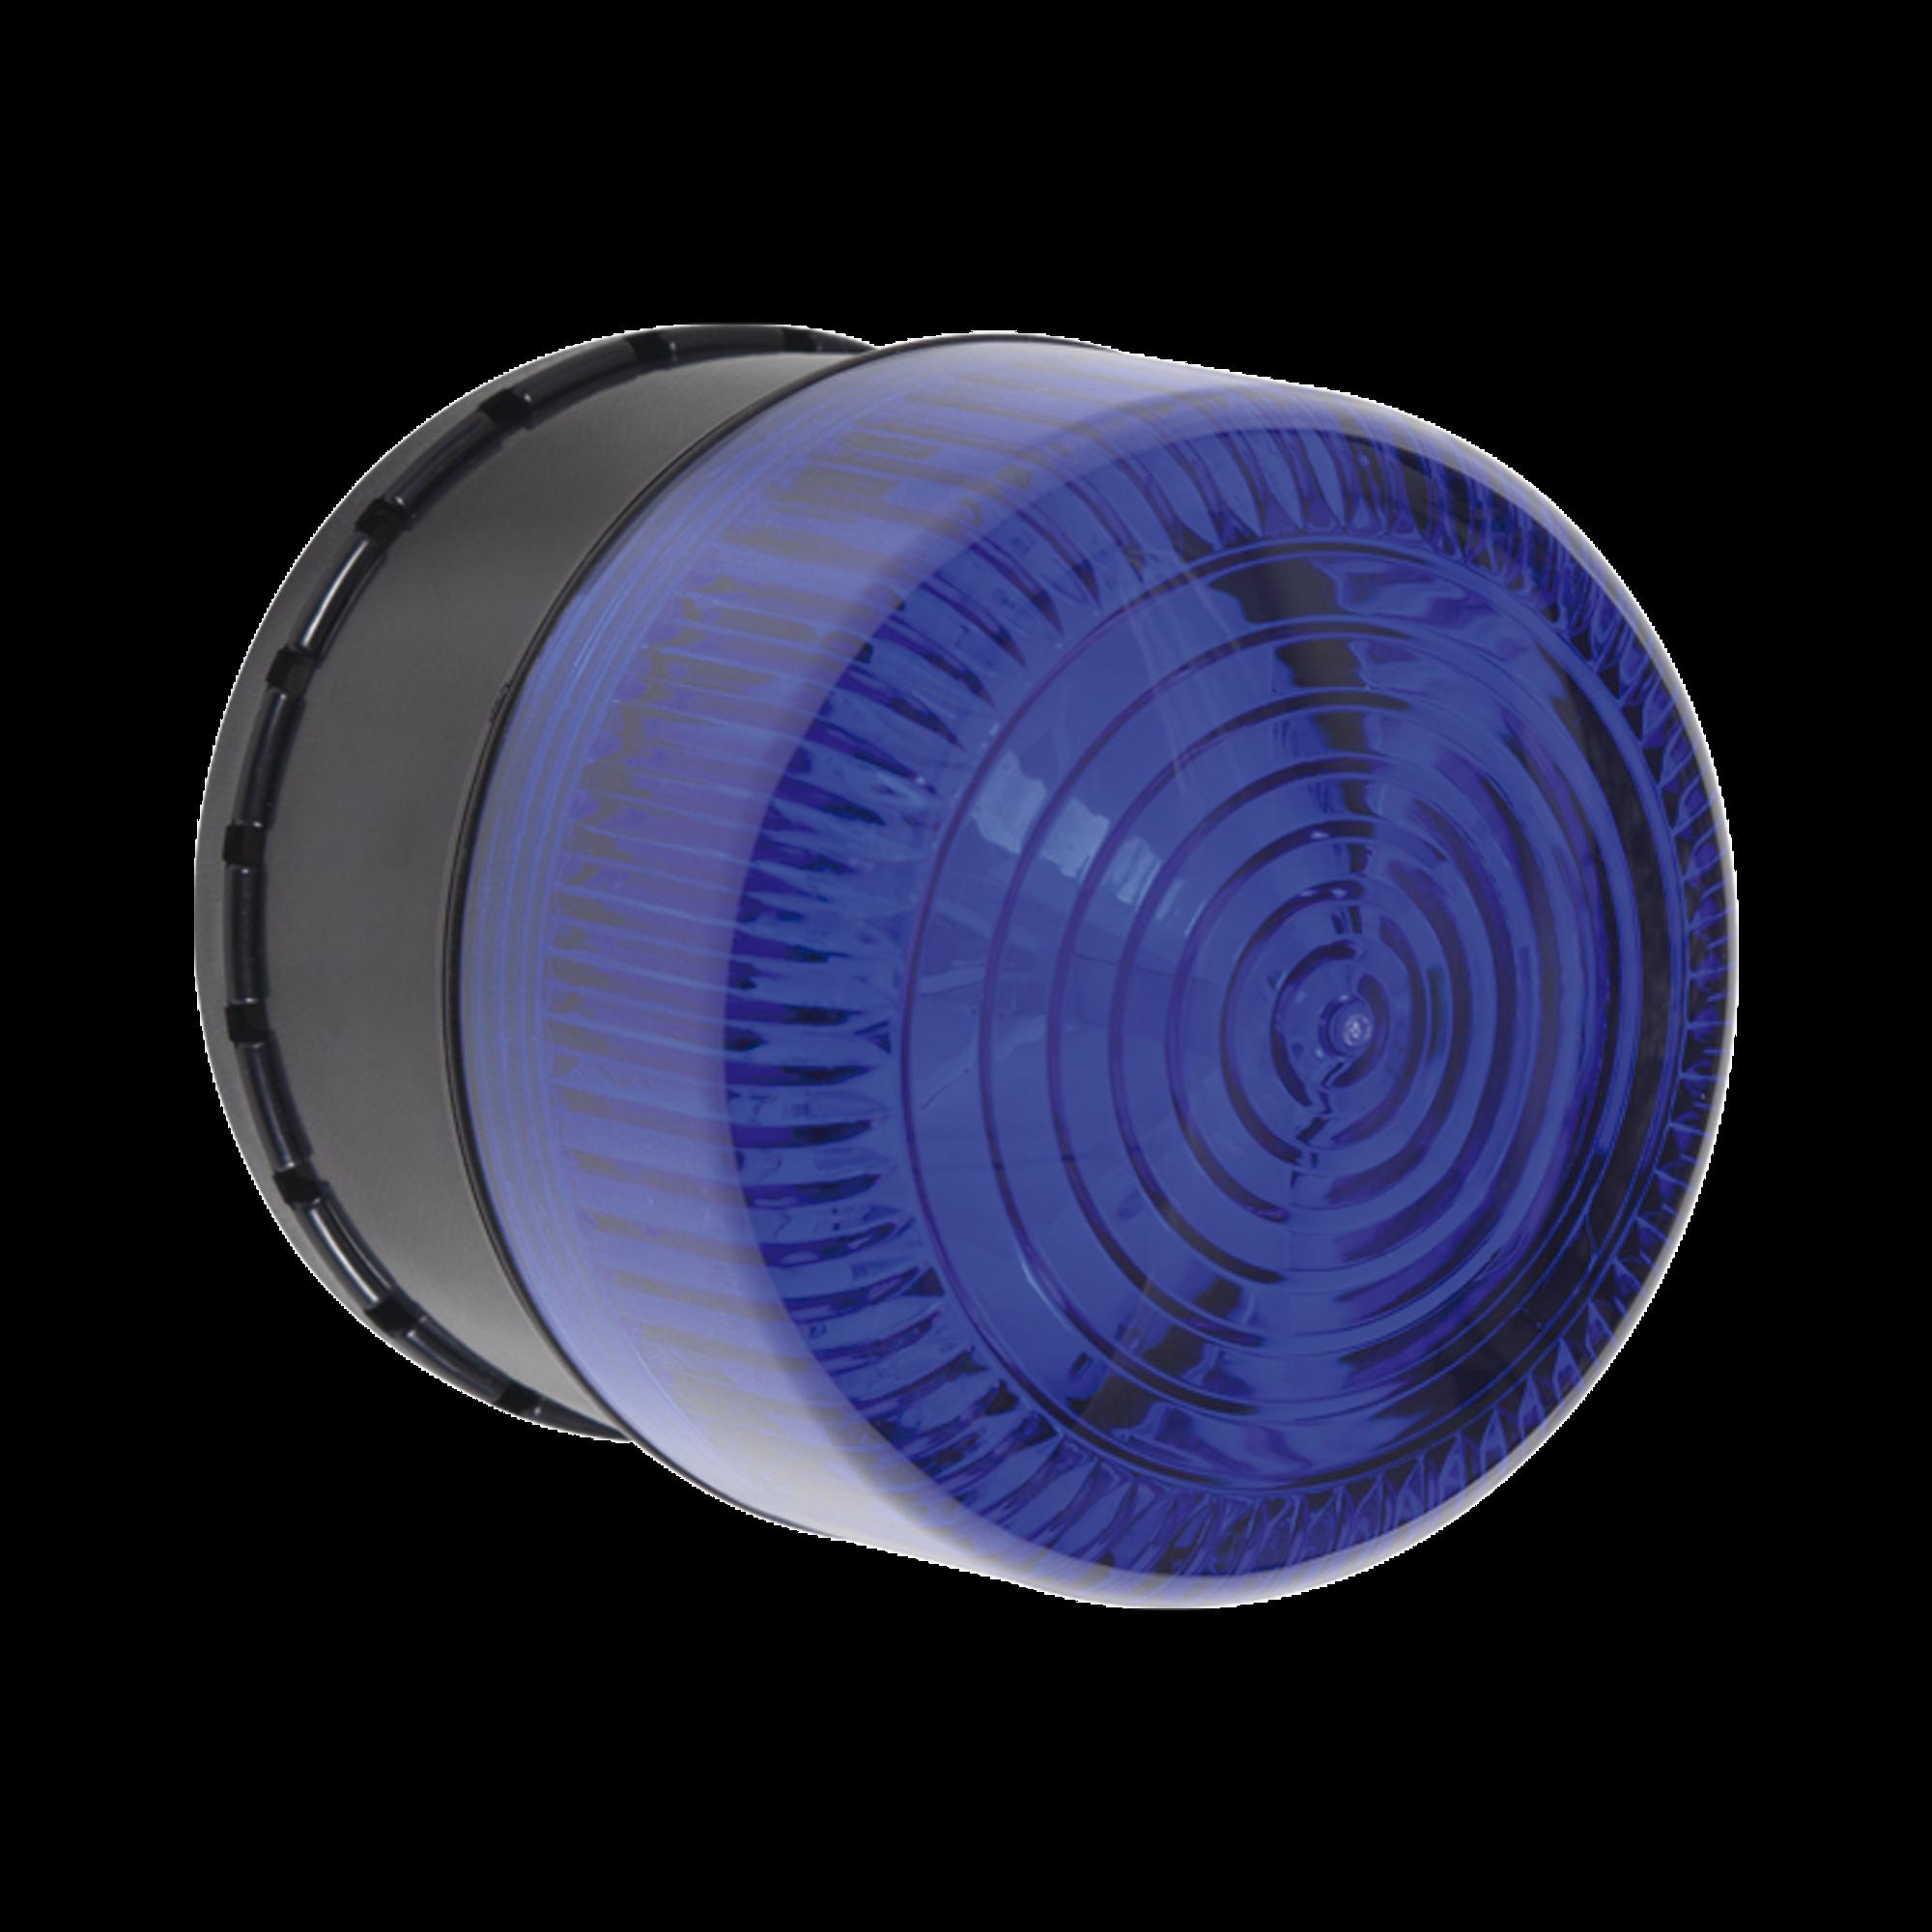 Alarma de Una Zona para Uso en Exterior, Notificacion Audible y Visible, Color Azul